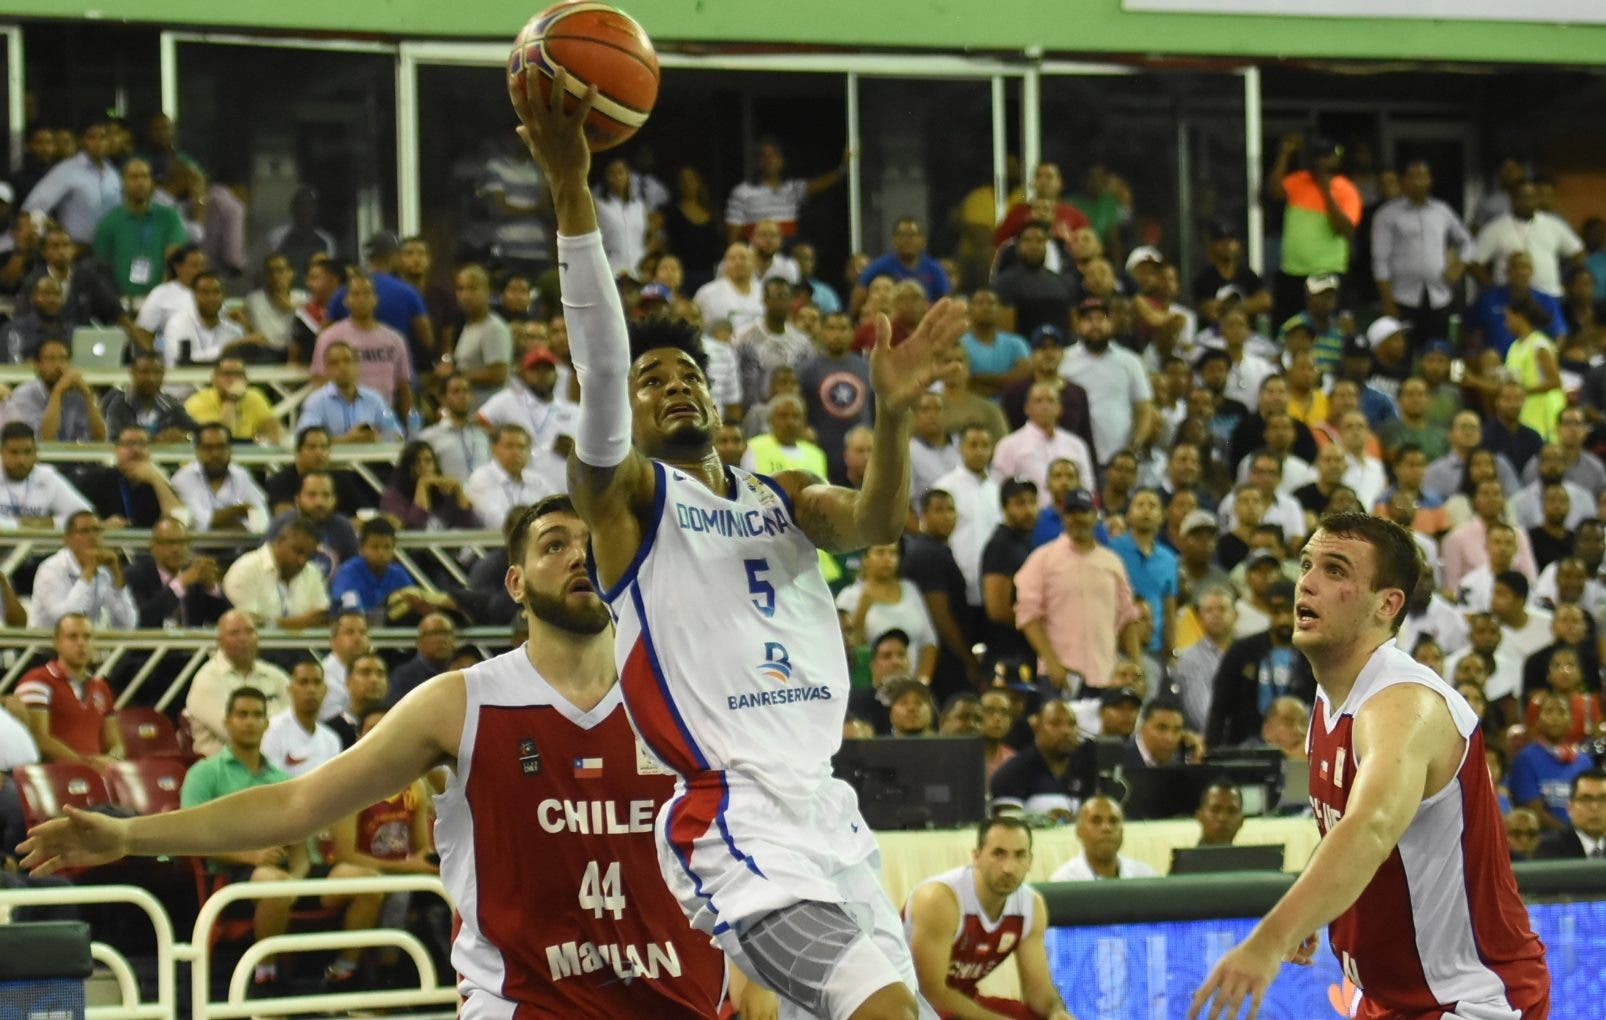 Víctor Liz termina un ataque rápido    del equipo dominicano anoche durante  la amplia  victoria sobre Chile.  Alberto calvo